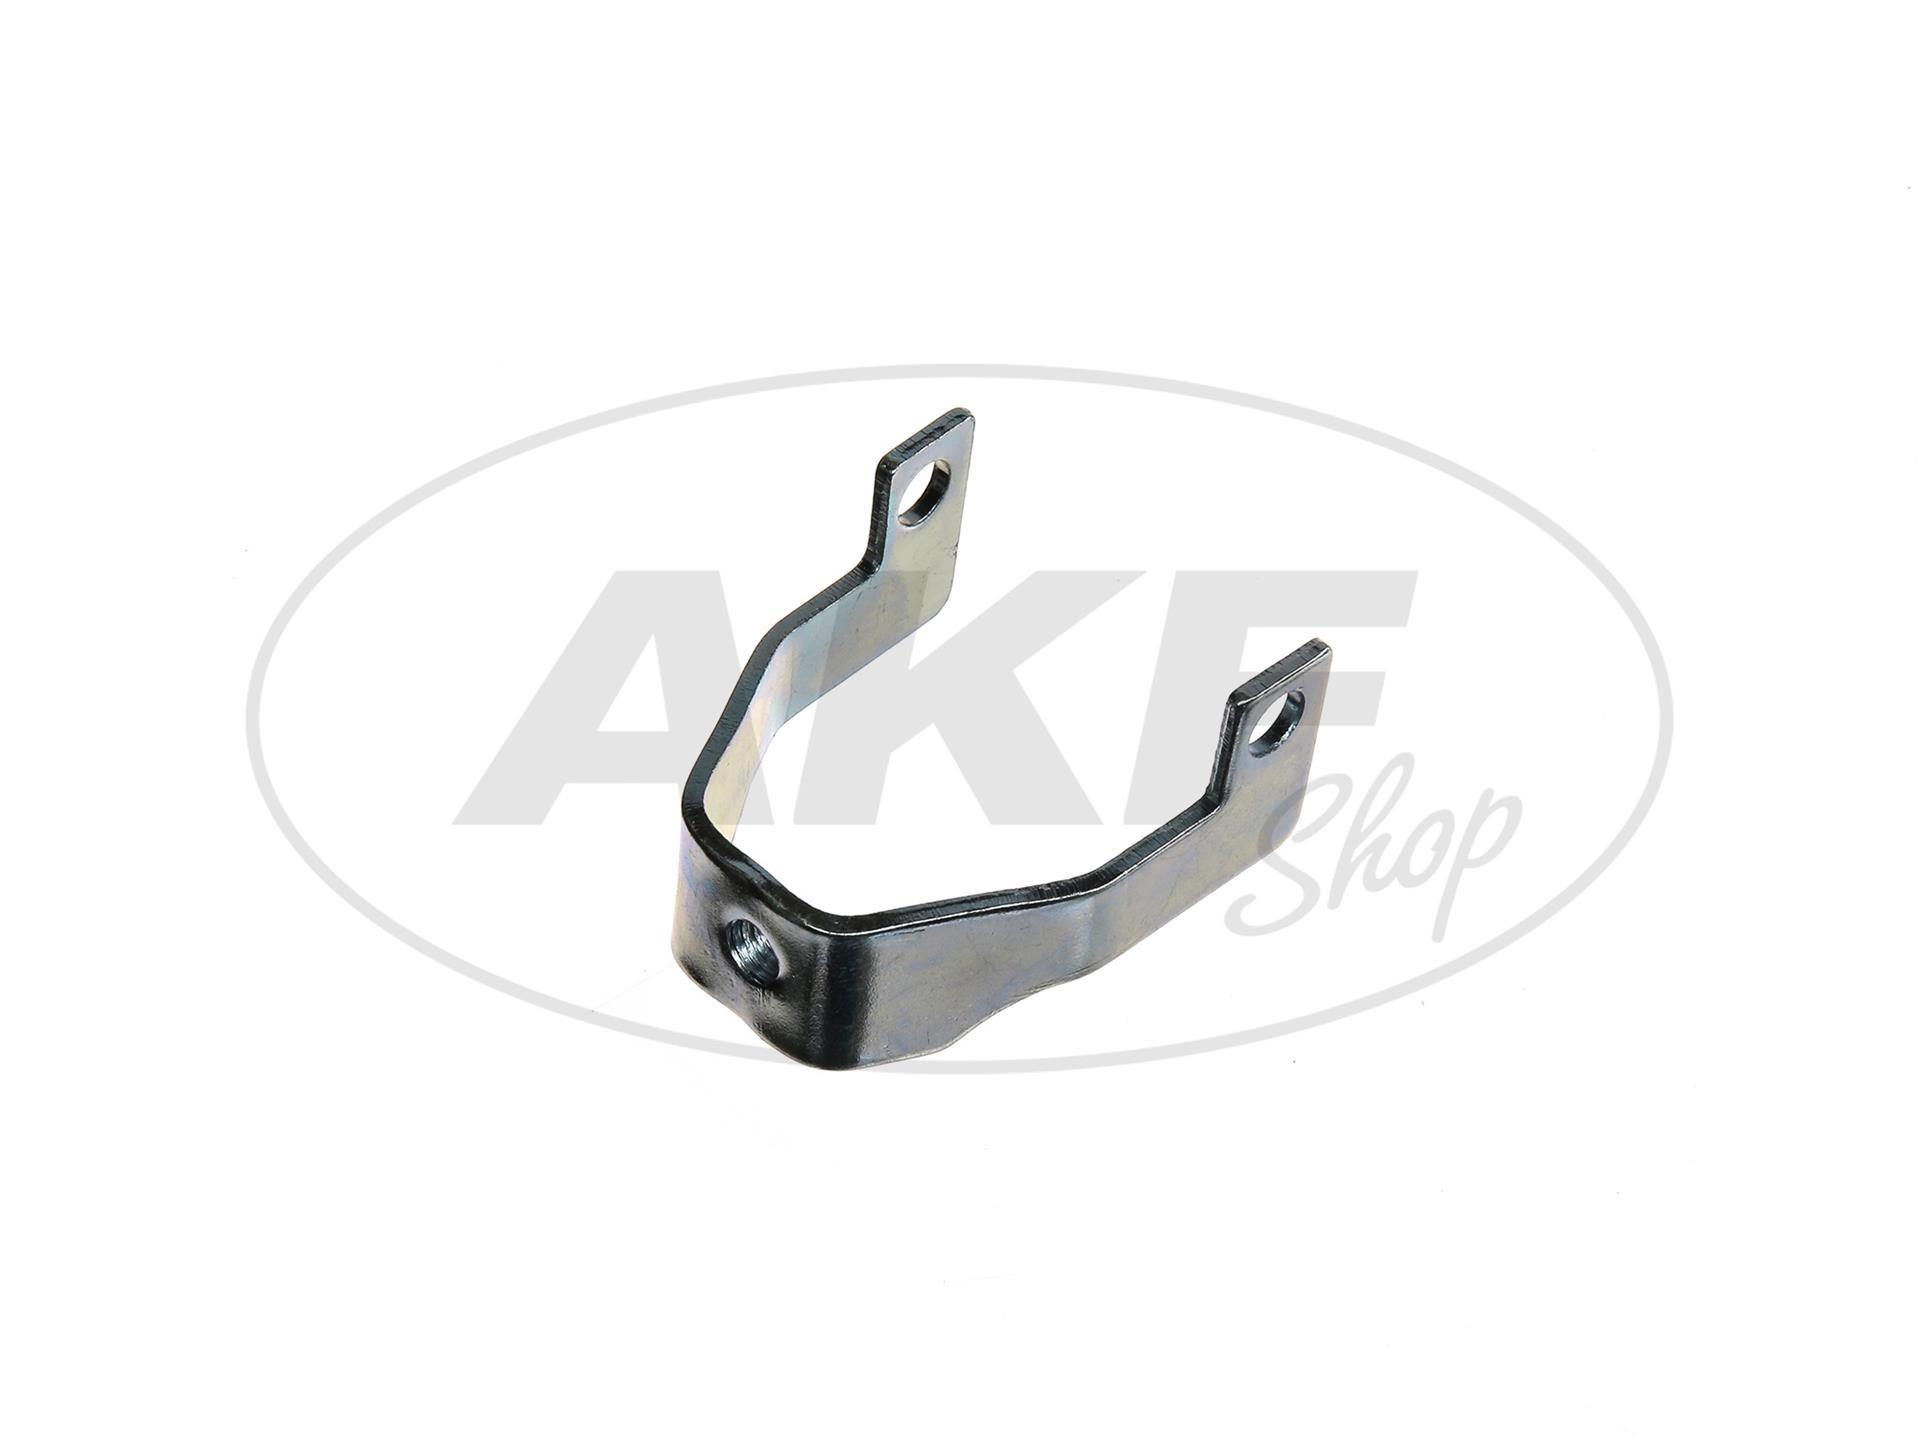 Zoom Ansicht Halteschelle vorn für Hitzeschutz - für Simson S51, S70, S53, S83 Enduro